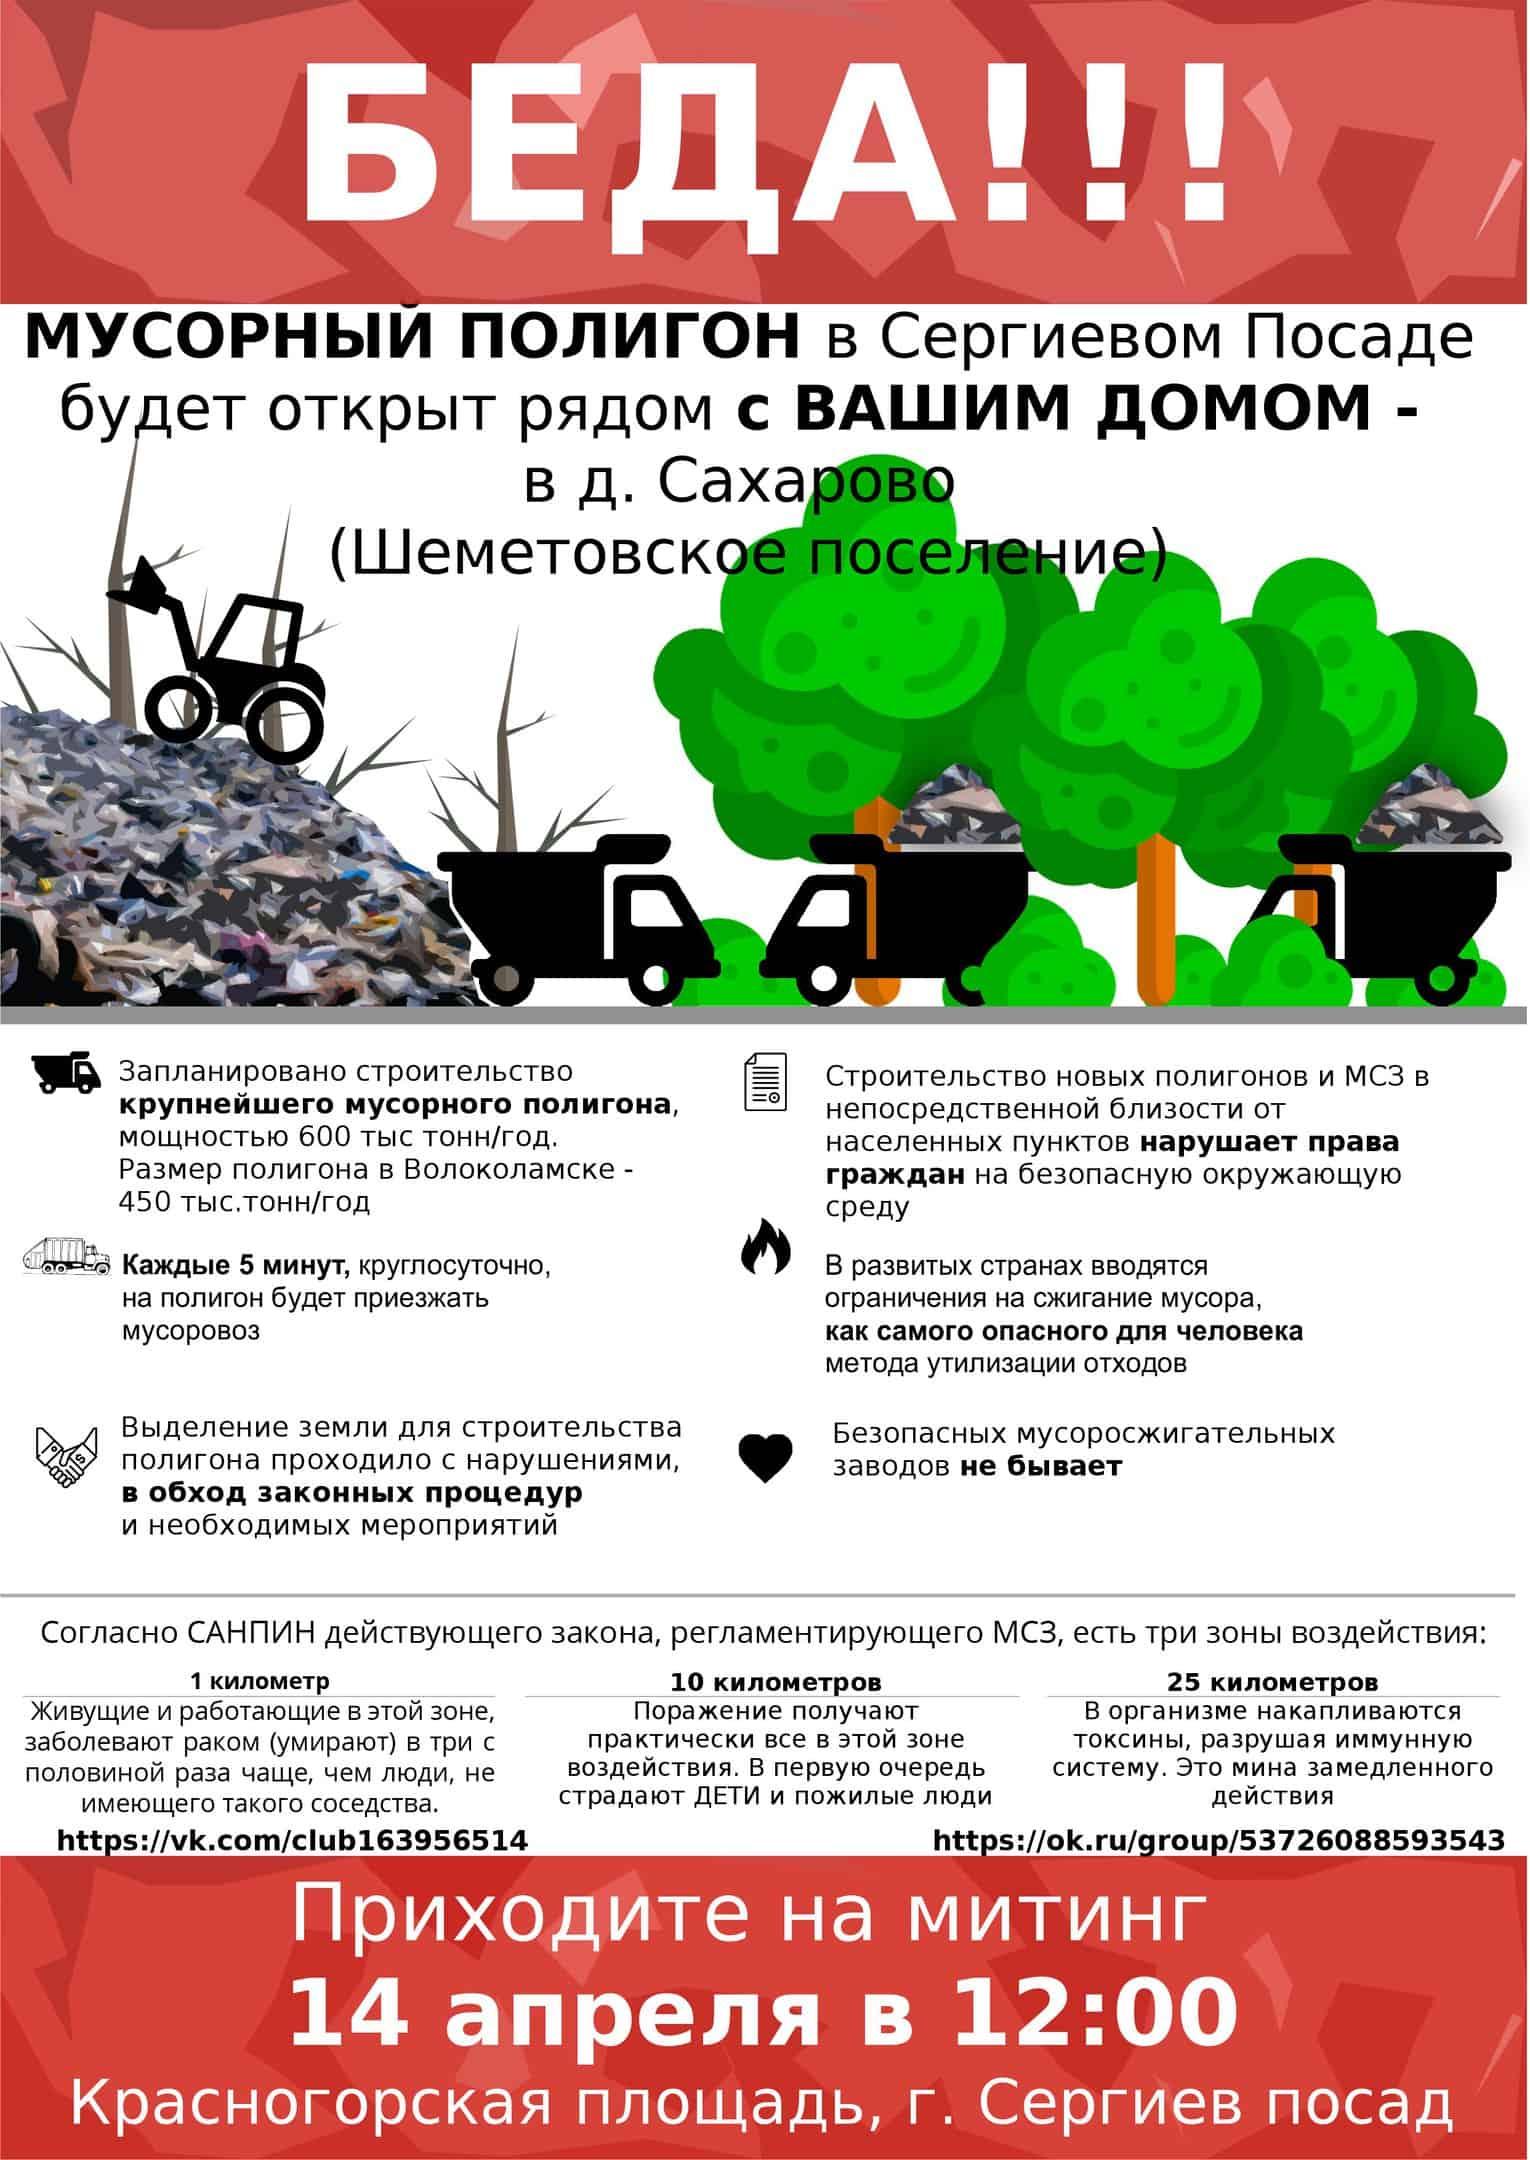 Митинг против мусоросжигательного завода ТБО Сергиев посад